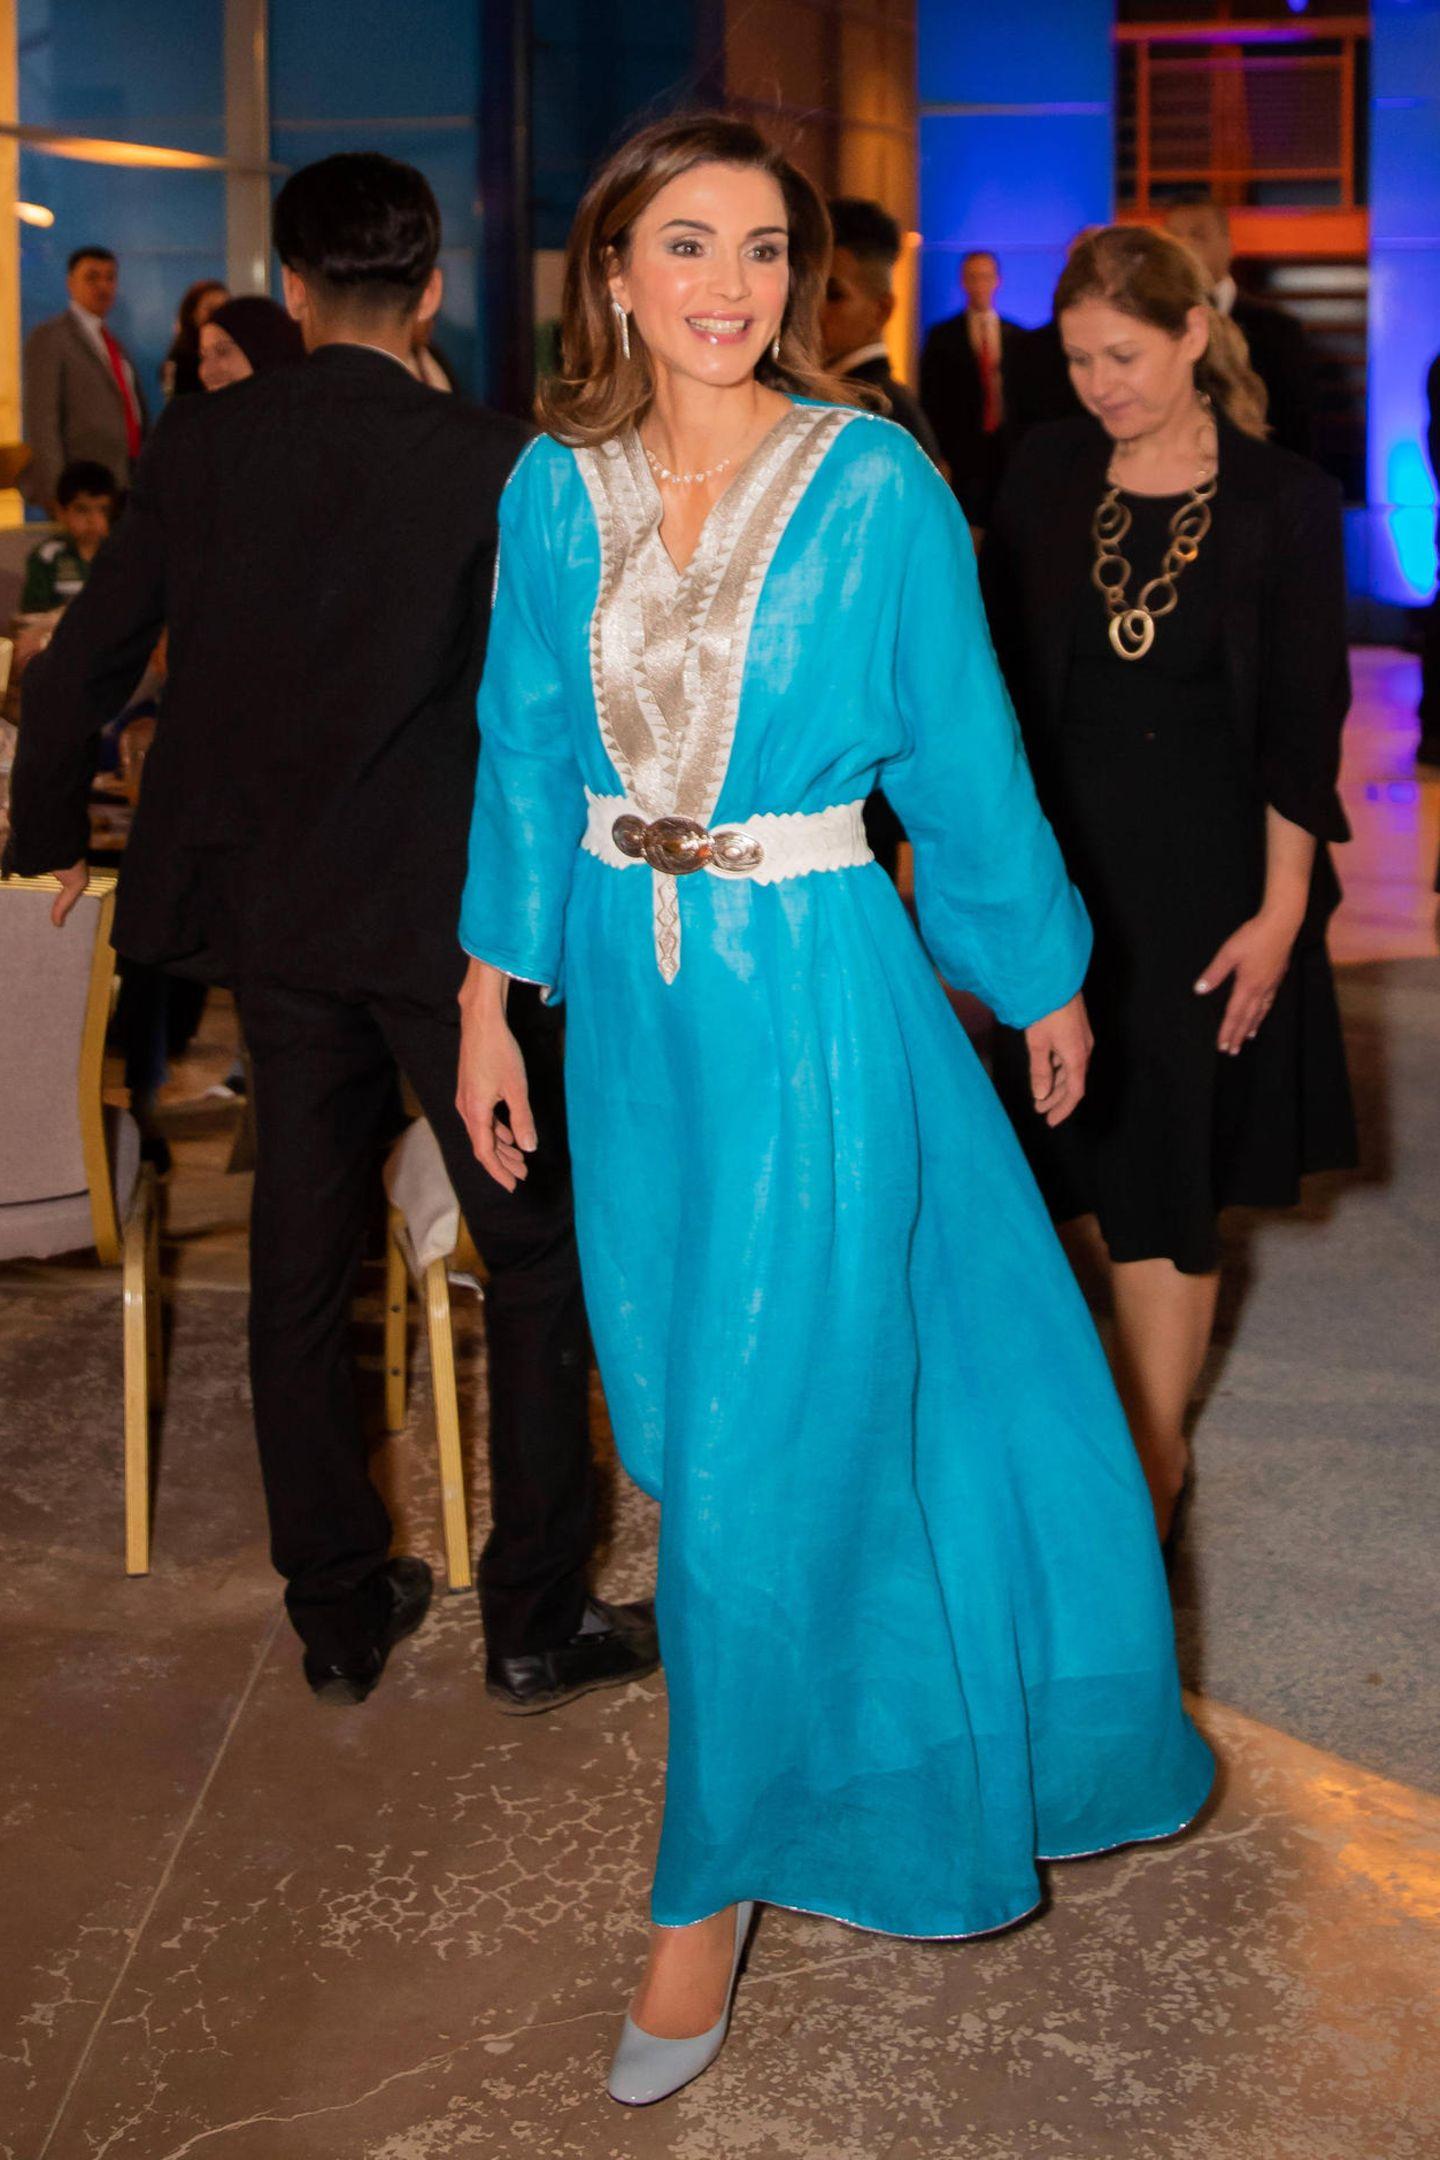 Für einen märchenhaften Auftritt sorgt Königin Rania in Jordanien. Ihr hellblaues Seidenkleid erinnert an die Figur der Prinzessin Jasmin aus Disney's Aladdin und steht der 48-Jährigen ausgezeichnet! Hellgraue Pumps und diesesbesonders Detail runden ihren Look perfekt ab ...